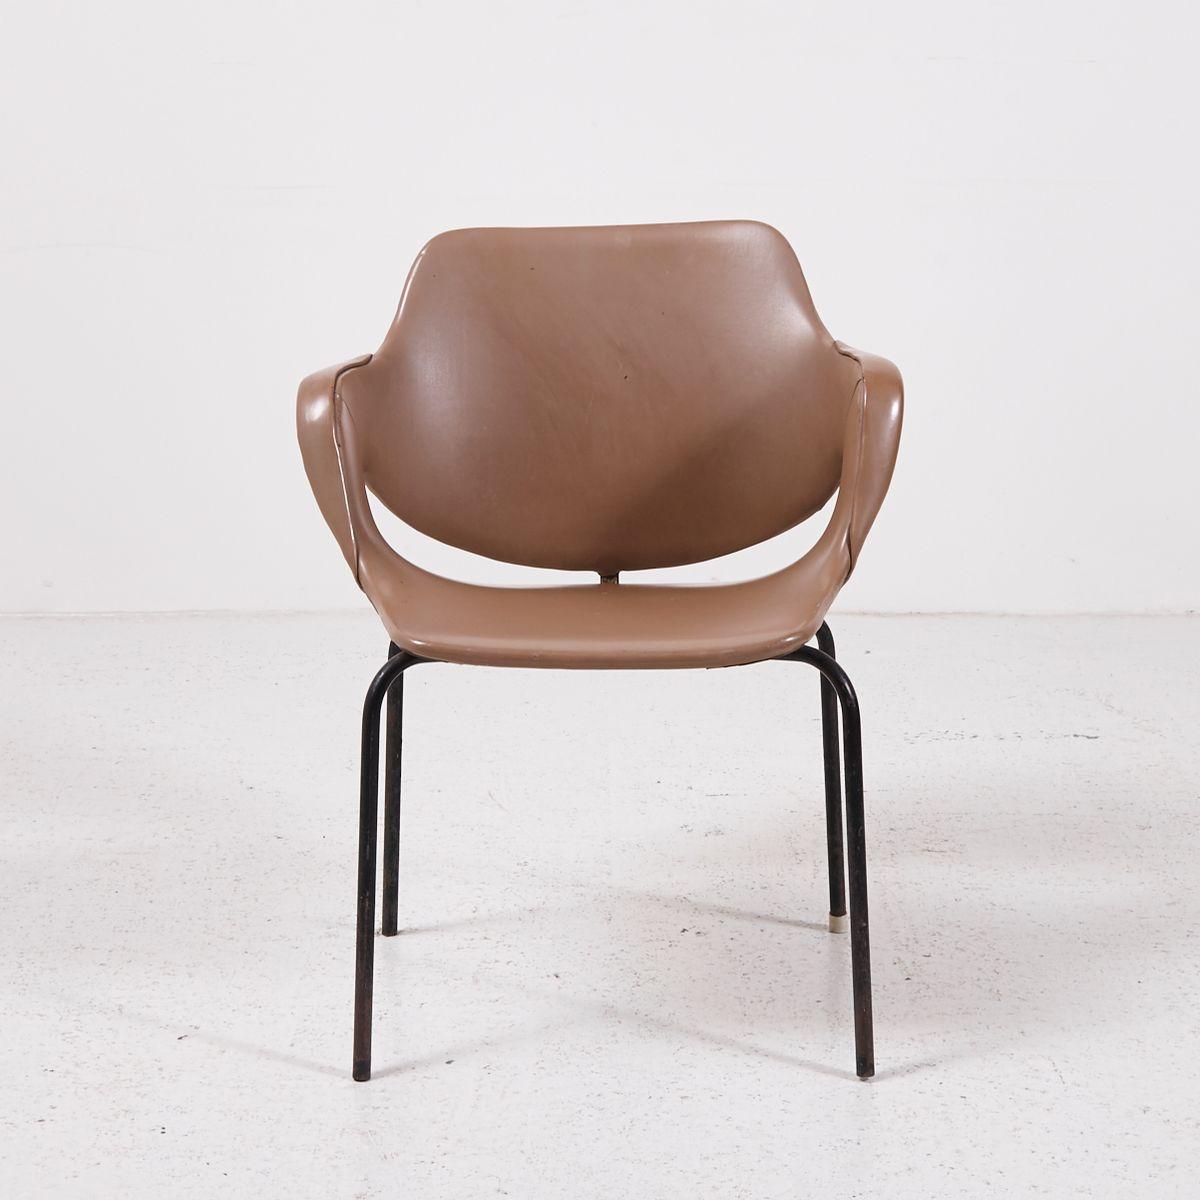 chaise d 39 appoint vintage en similicuir en vente sur pamono. Black Bedroom Furniture Sets. Home Design Ideas